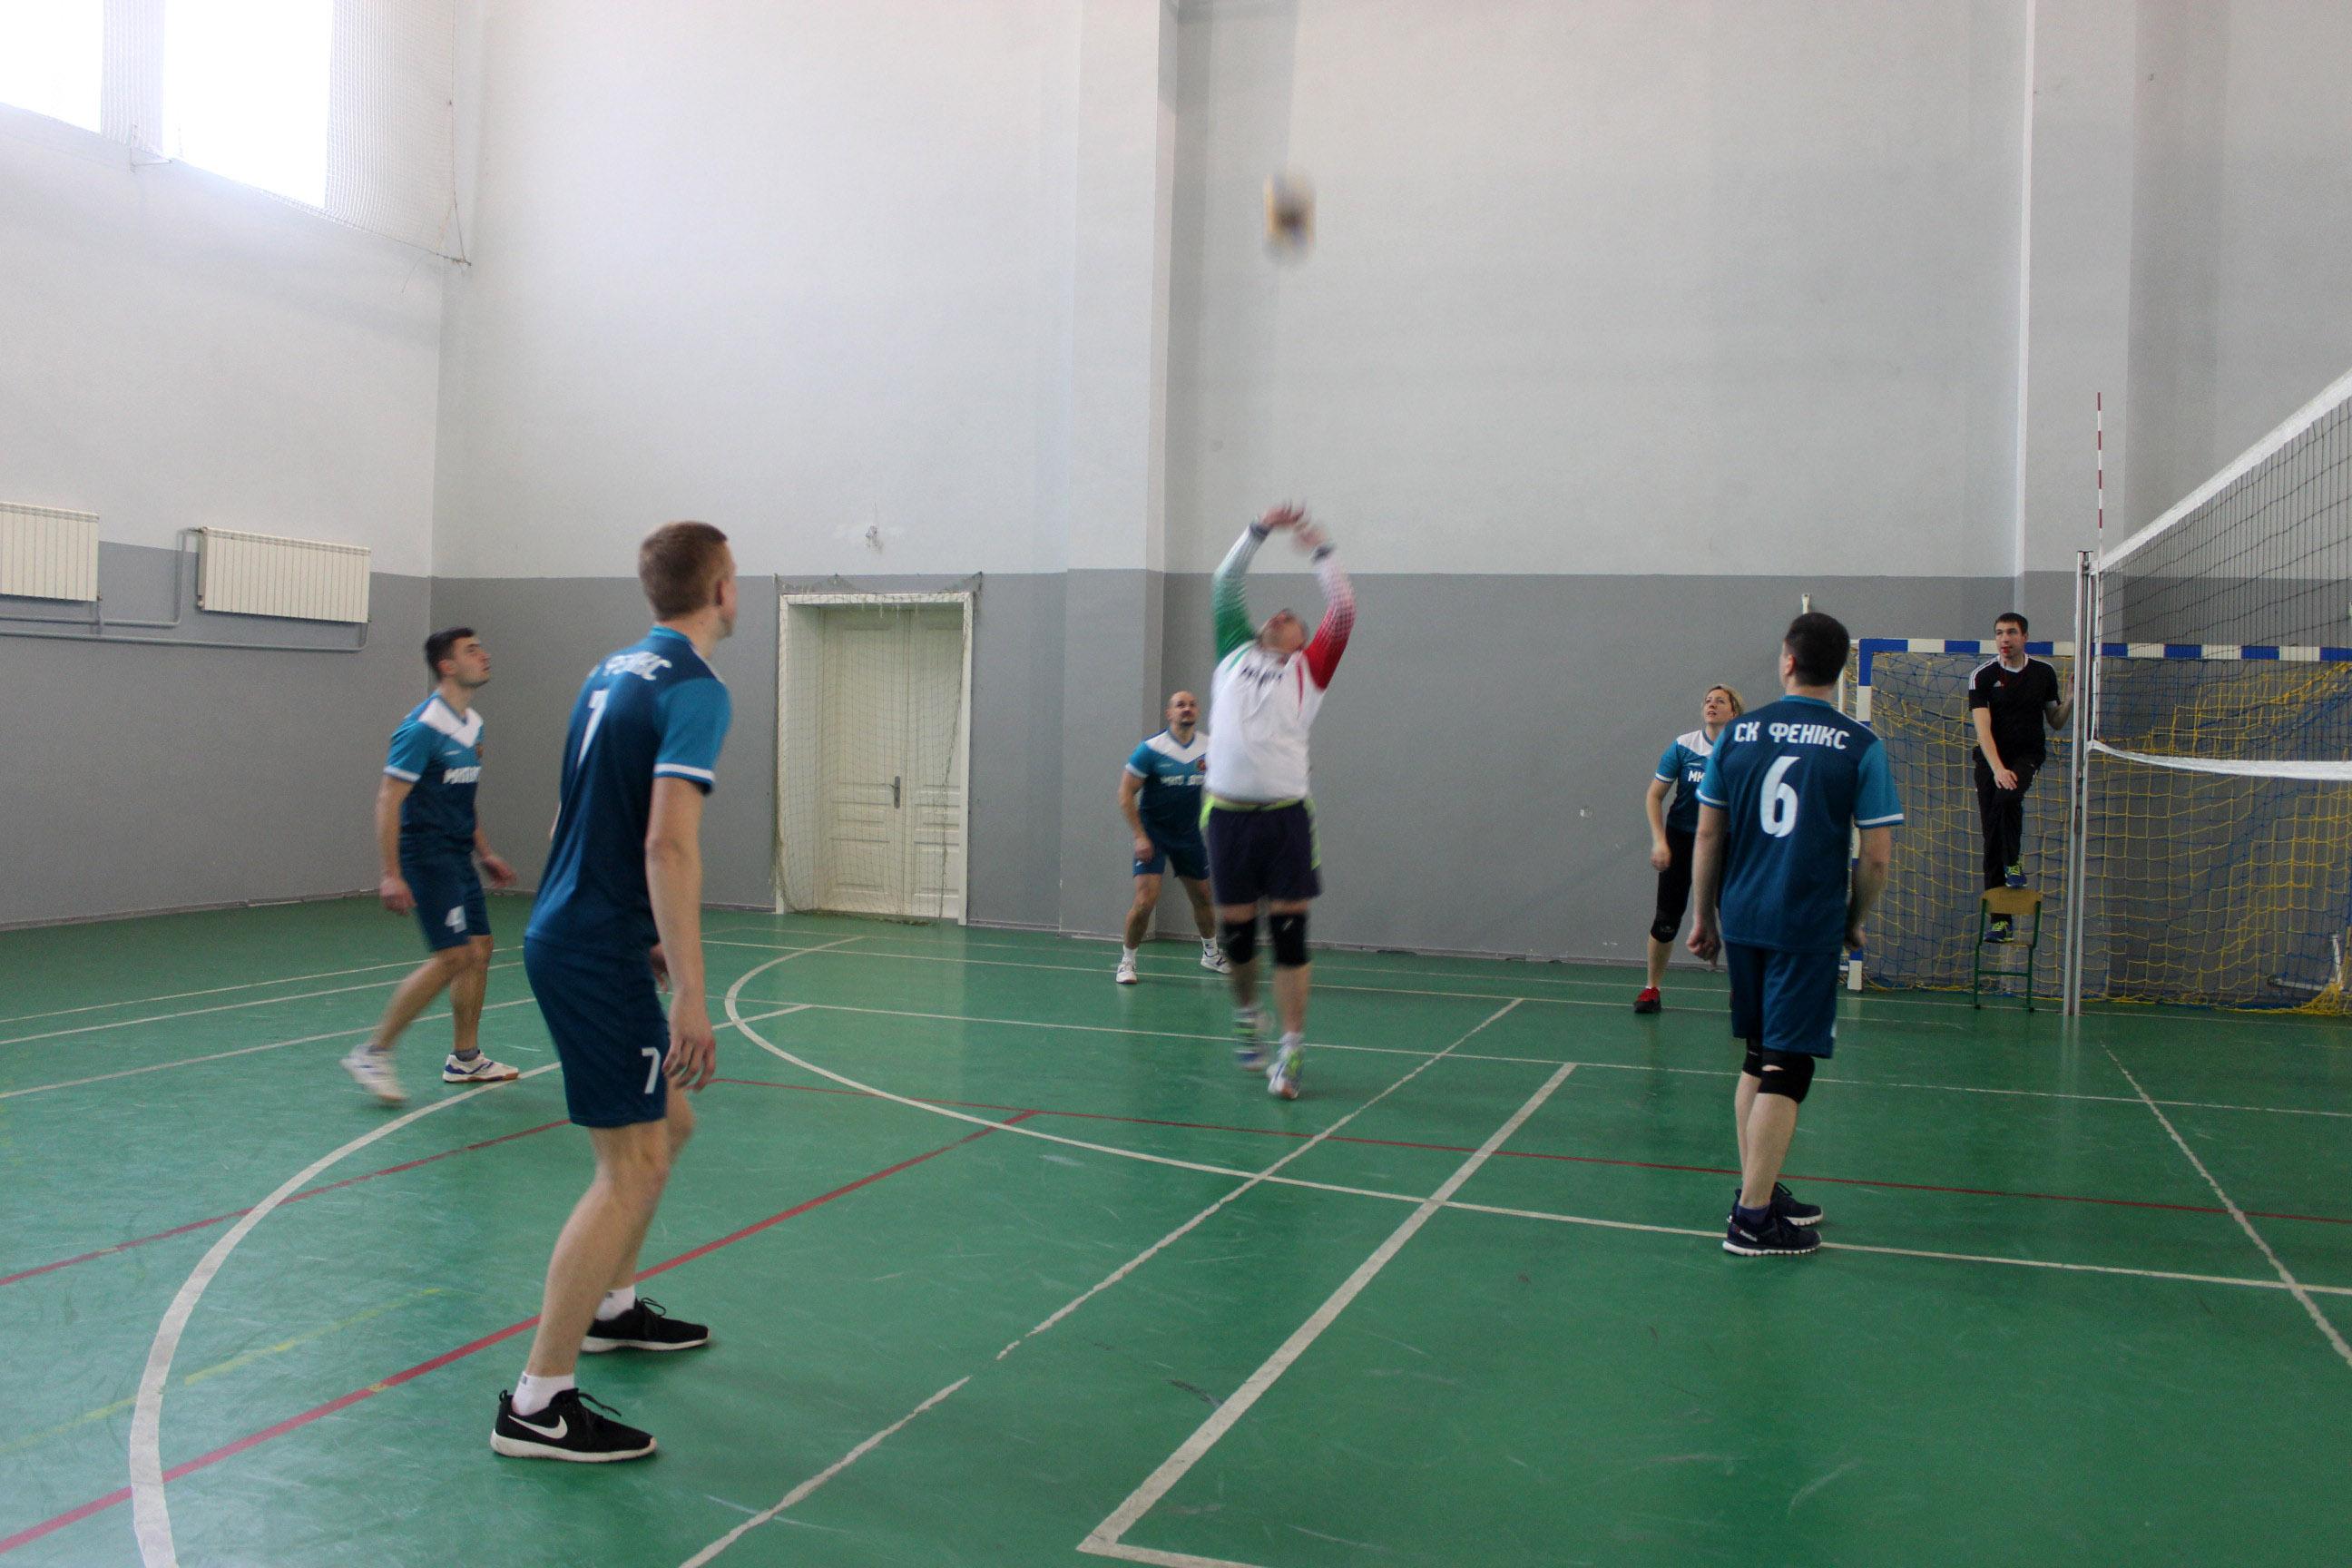 У Хотові змагалися рятувальники-волейболісти Київщини, фінал — в Ірпені